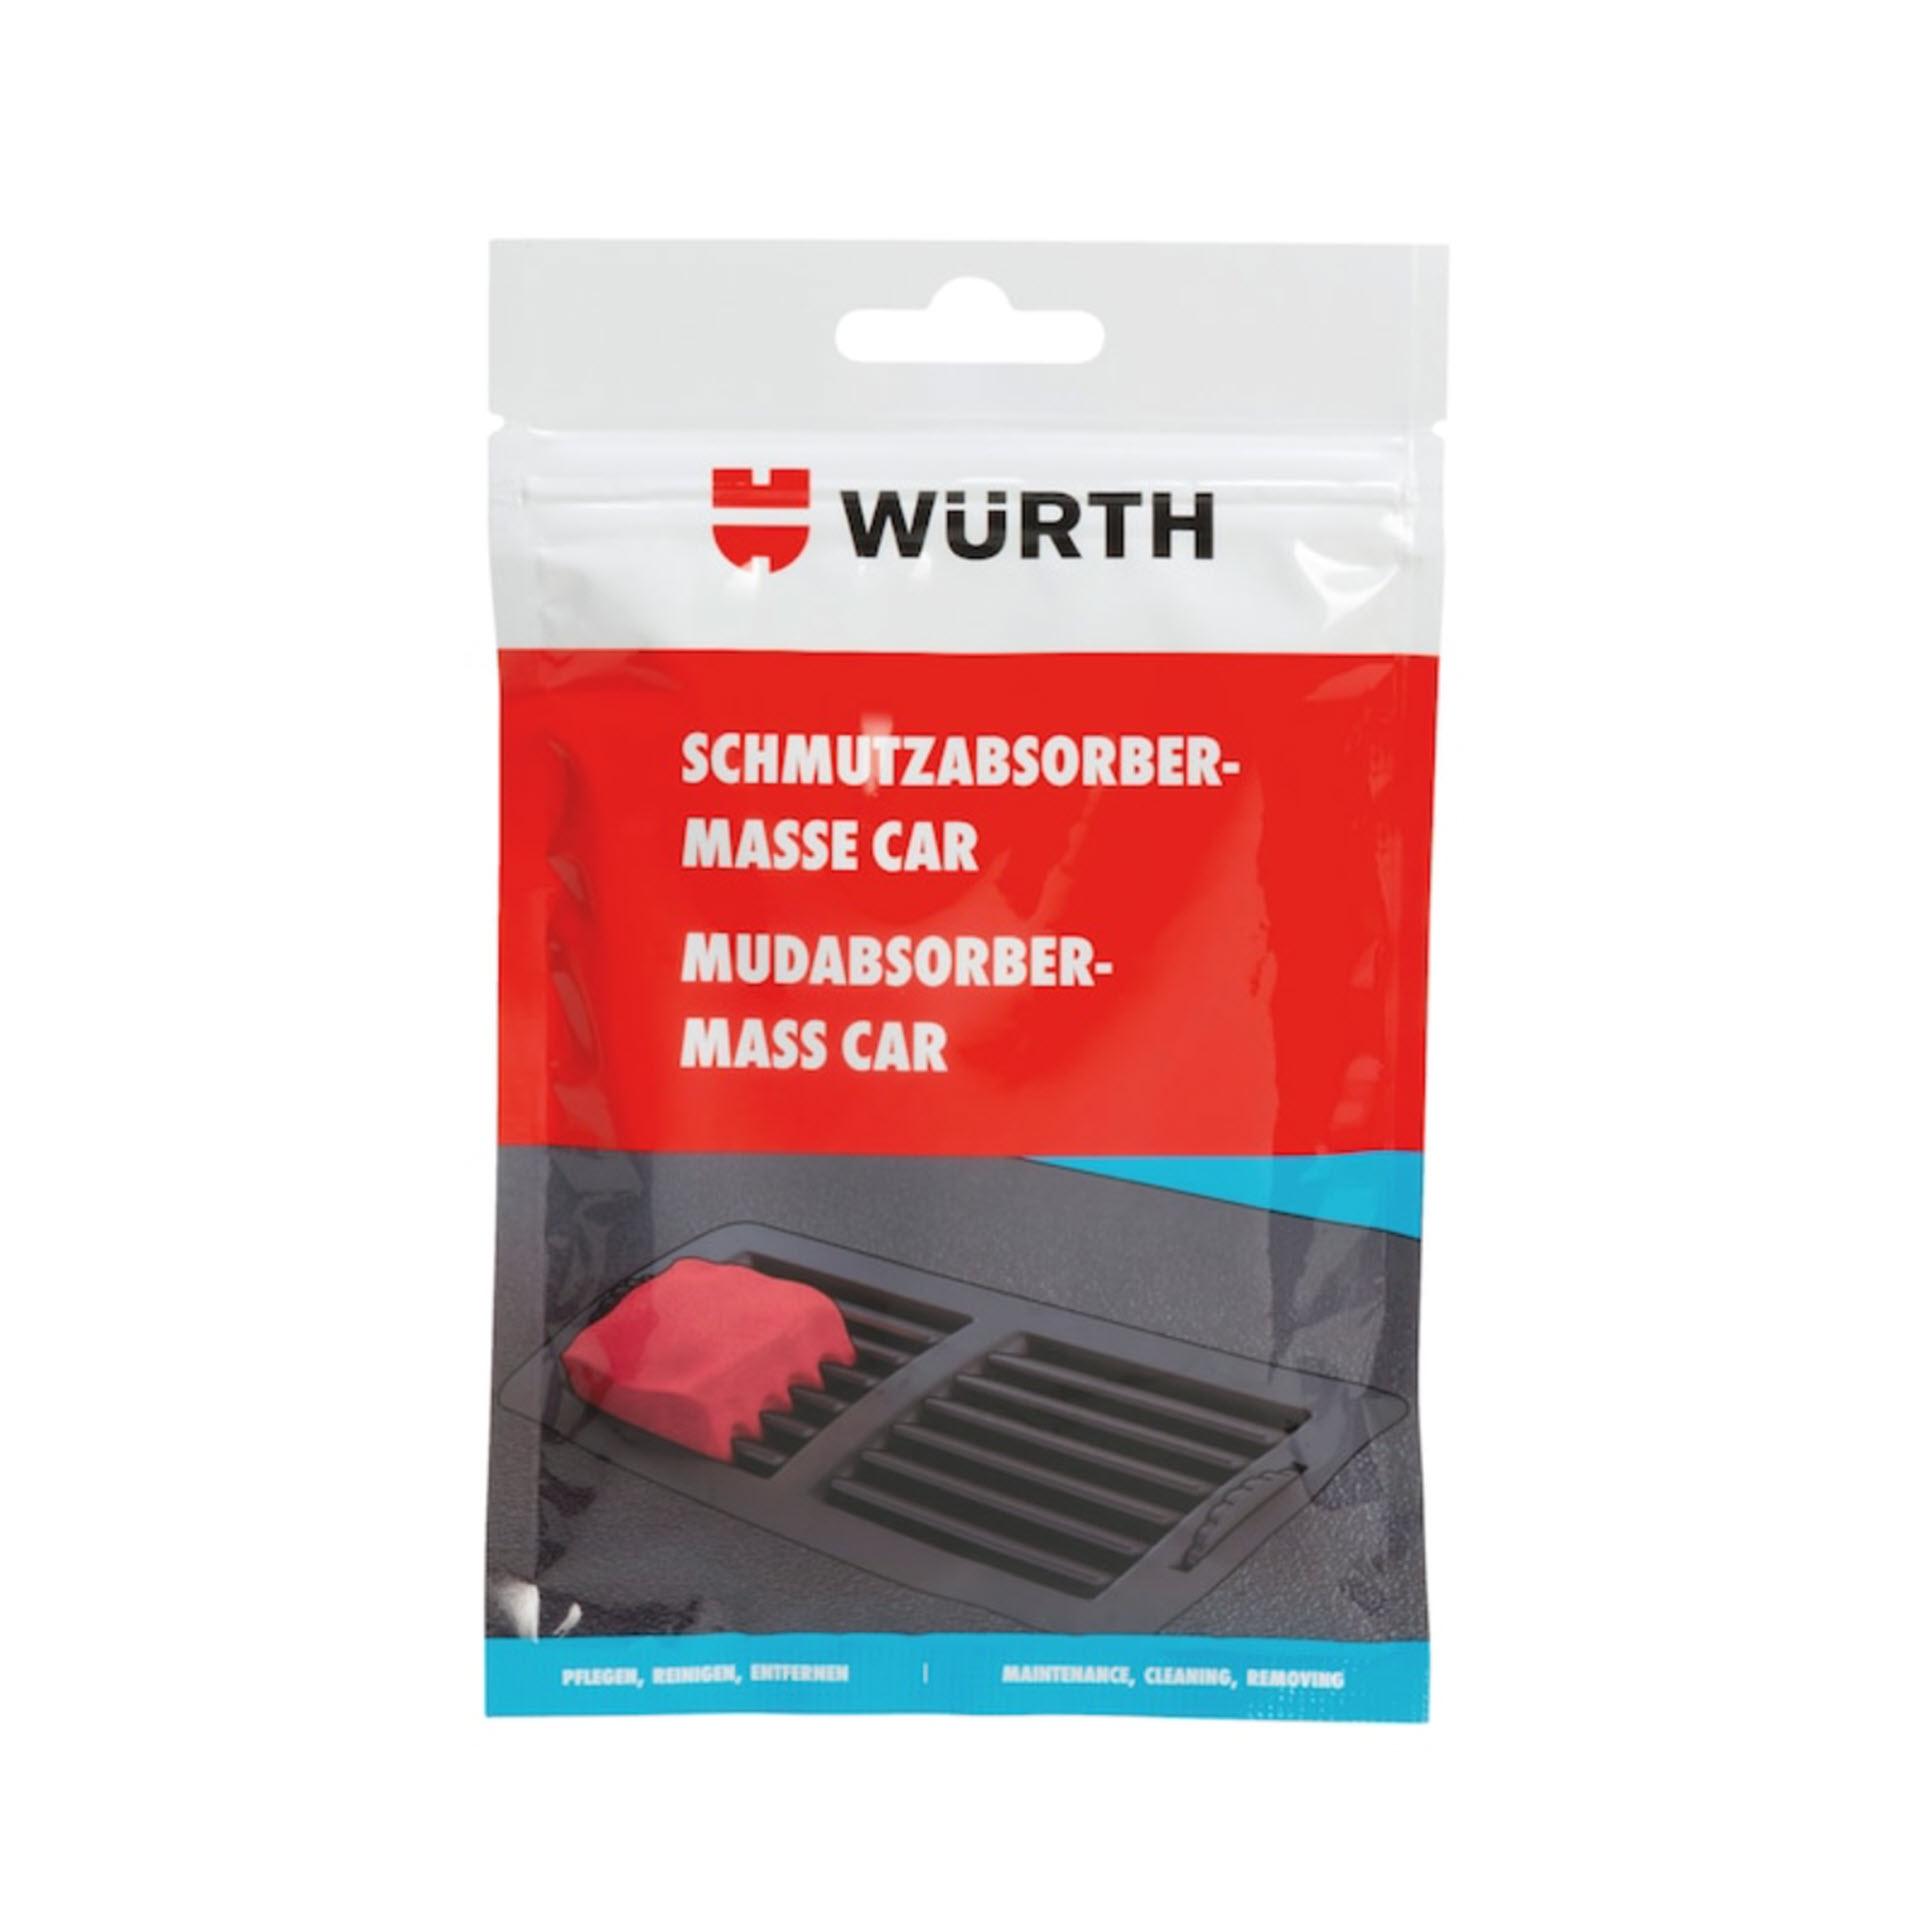 Würth Schmutzabsorber-Masse-Car - 100 g Beutel